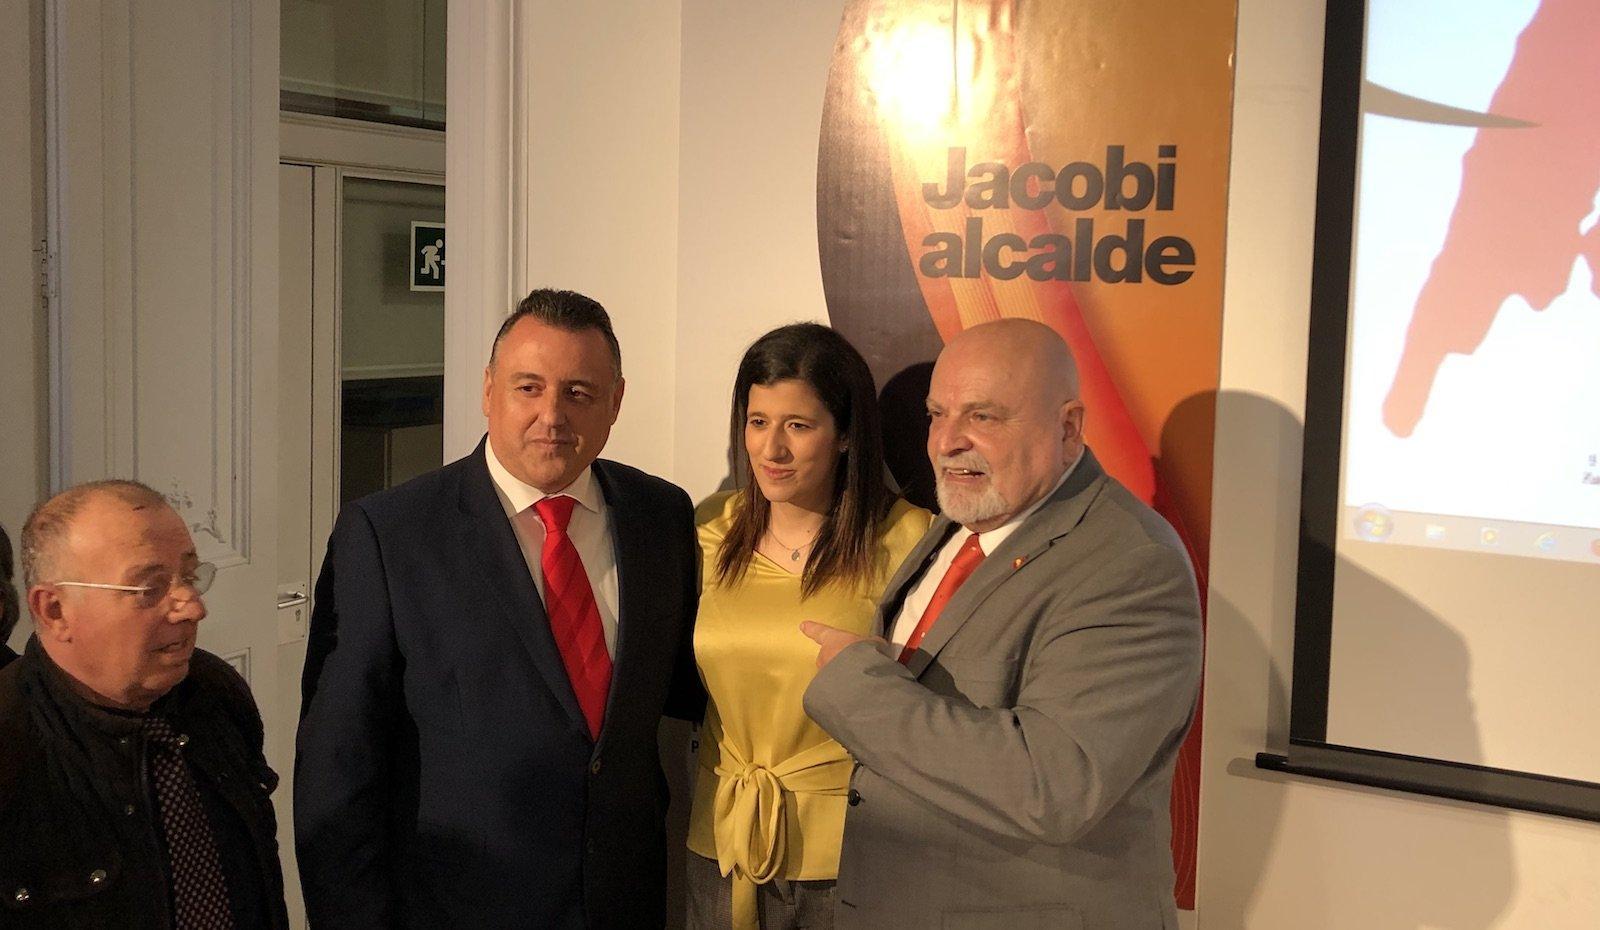 El nou candidat a alcalde de Barcelona Karl Jacobi. | Q. S.